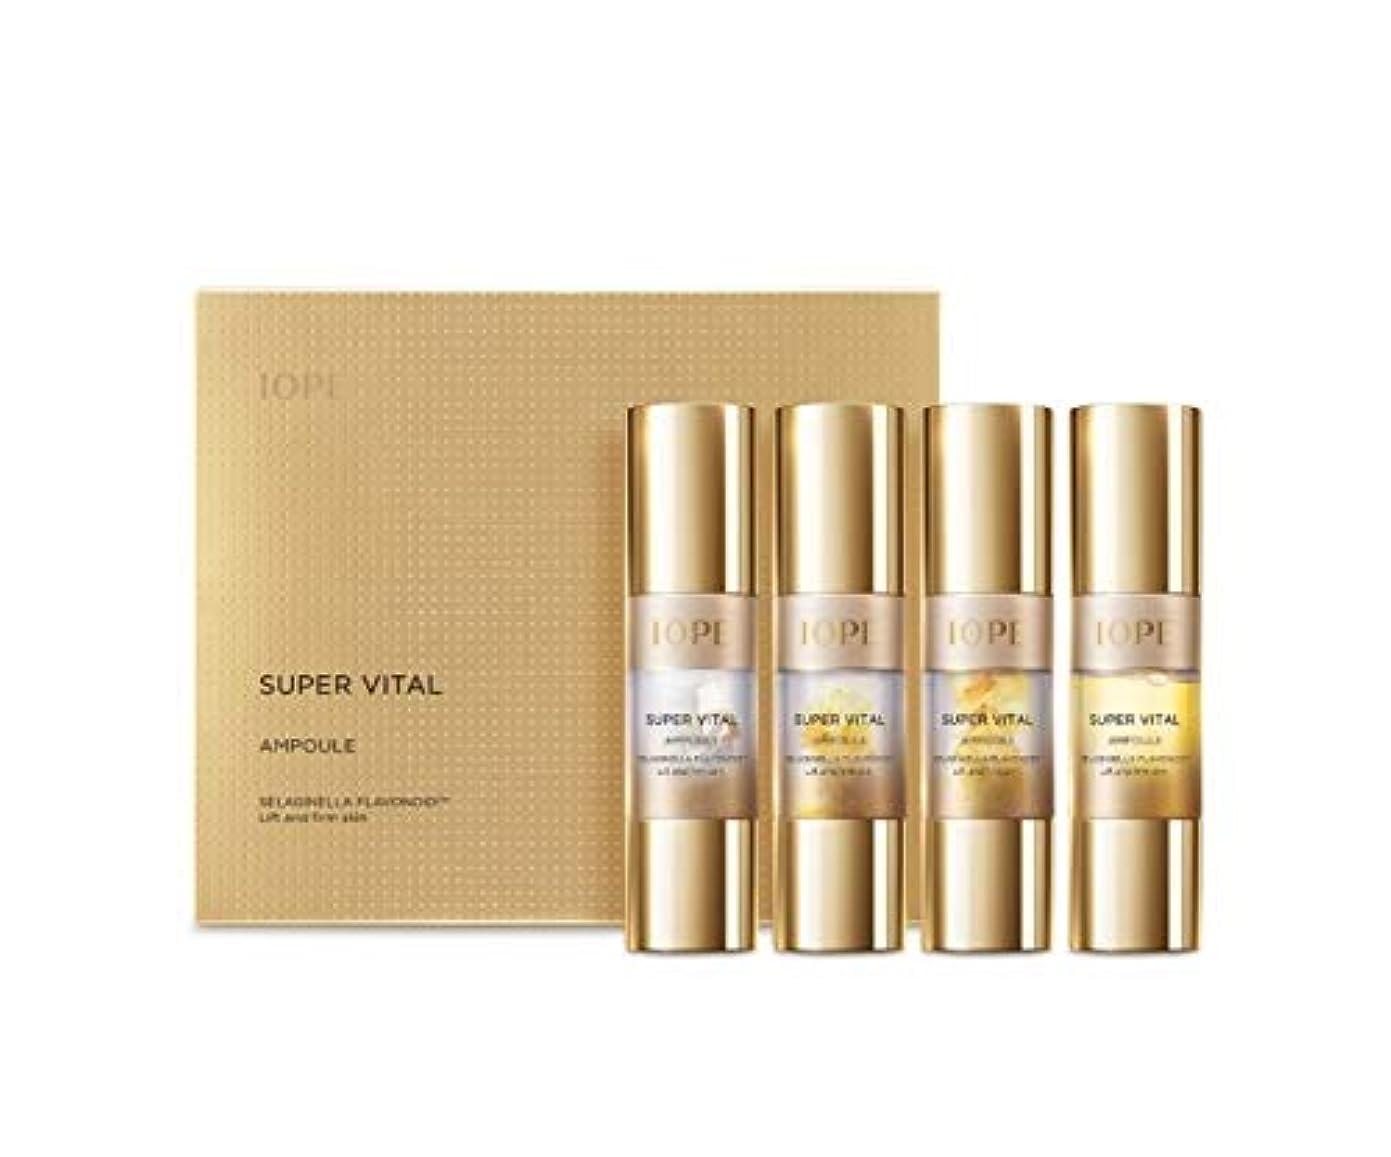 辞任するおかしい旧正月IOPEスーパーバイタルアンプル8gx4ea 韓国の有名な化粧品ブランドの人気アンプルお肌の鎮静、皮膚の保湿スキンケア水分補給